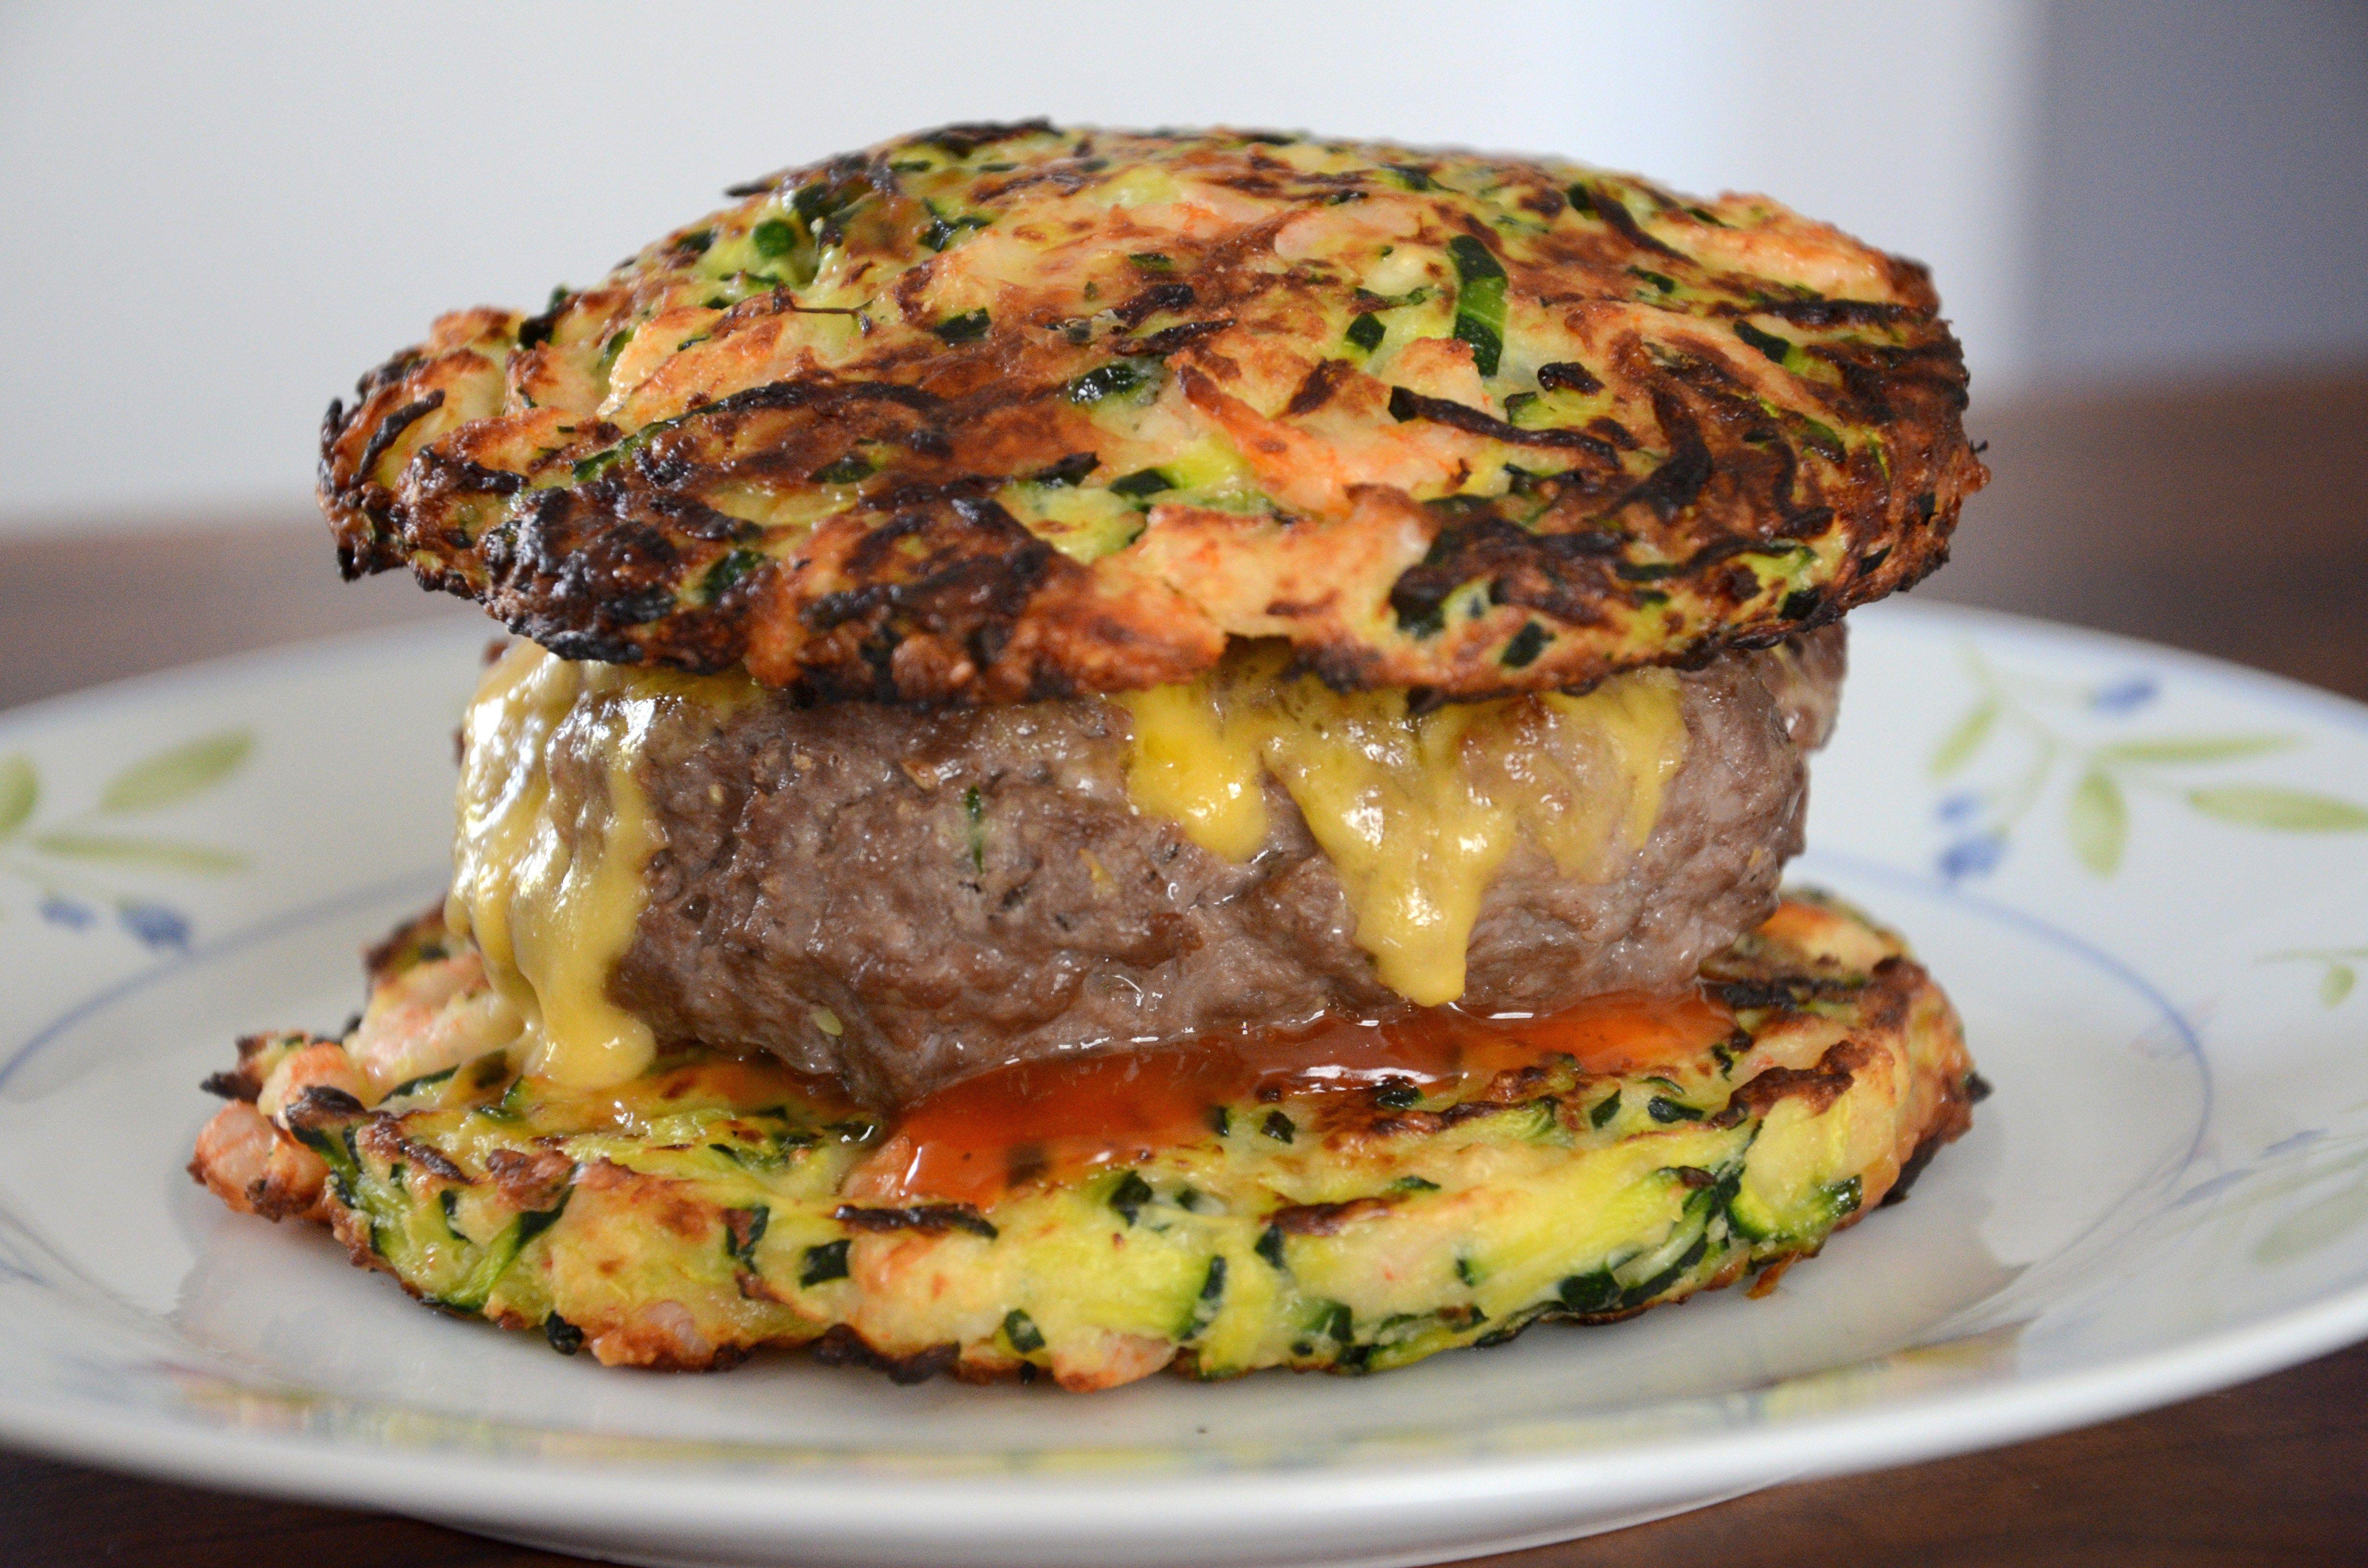 Keto Surf'n'turf Burger | Recipes | Pinterest | Keto ...